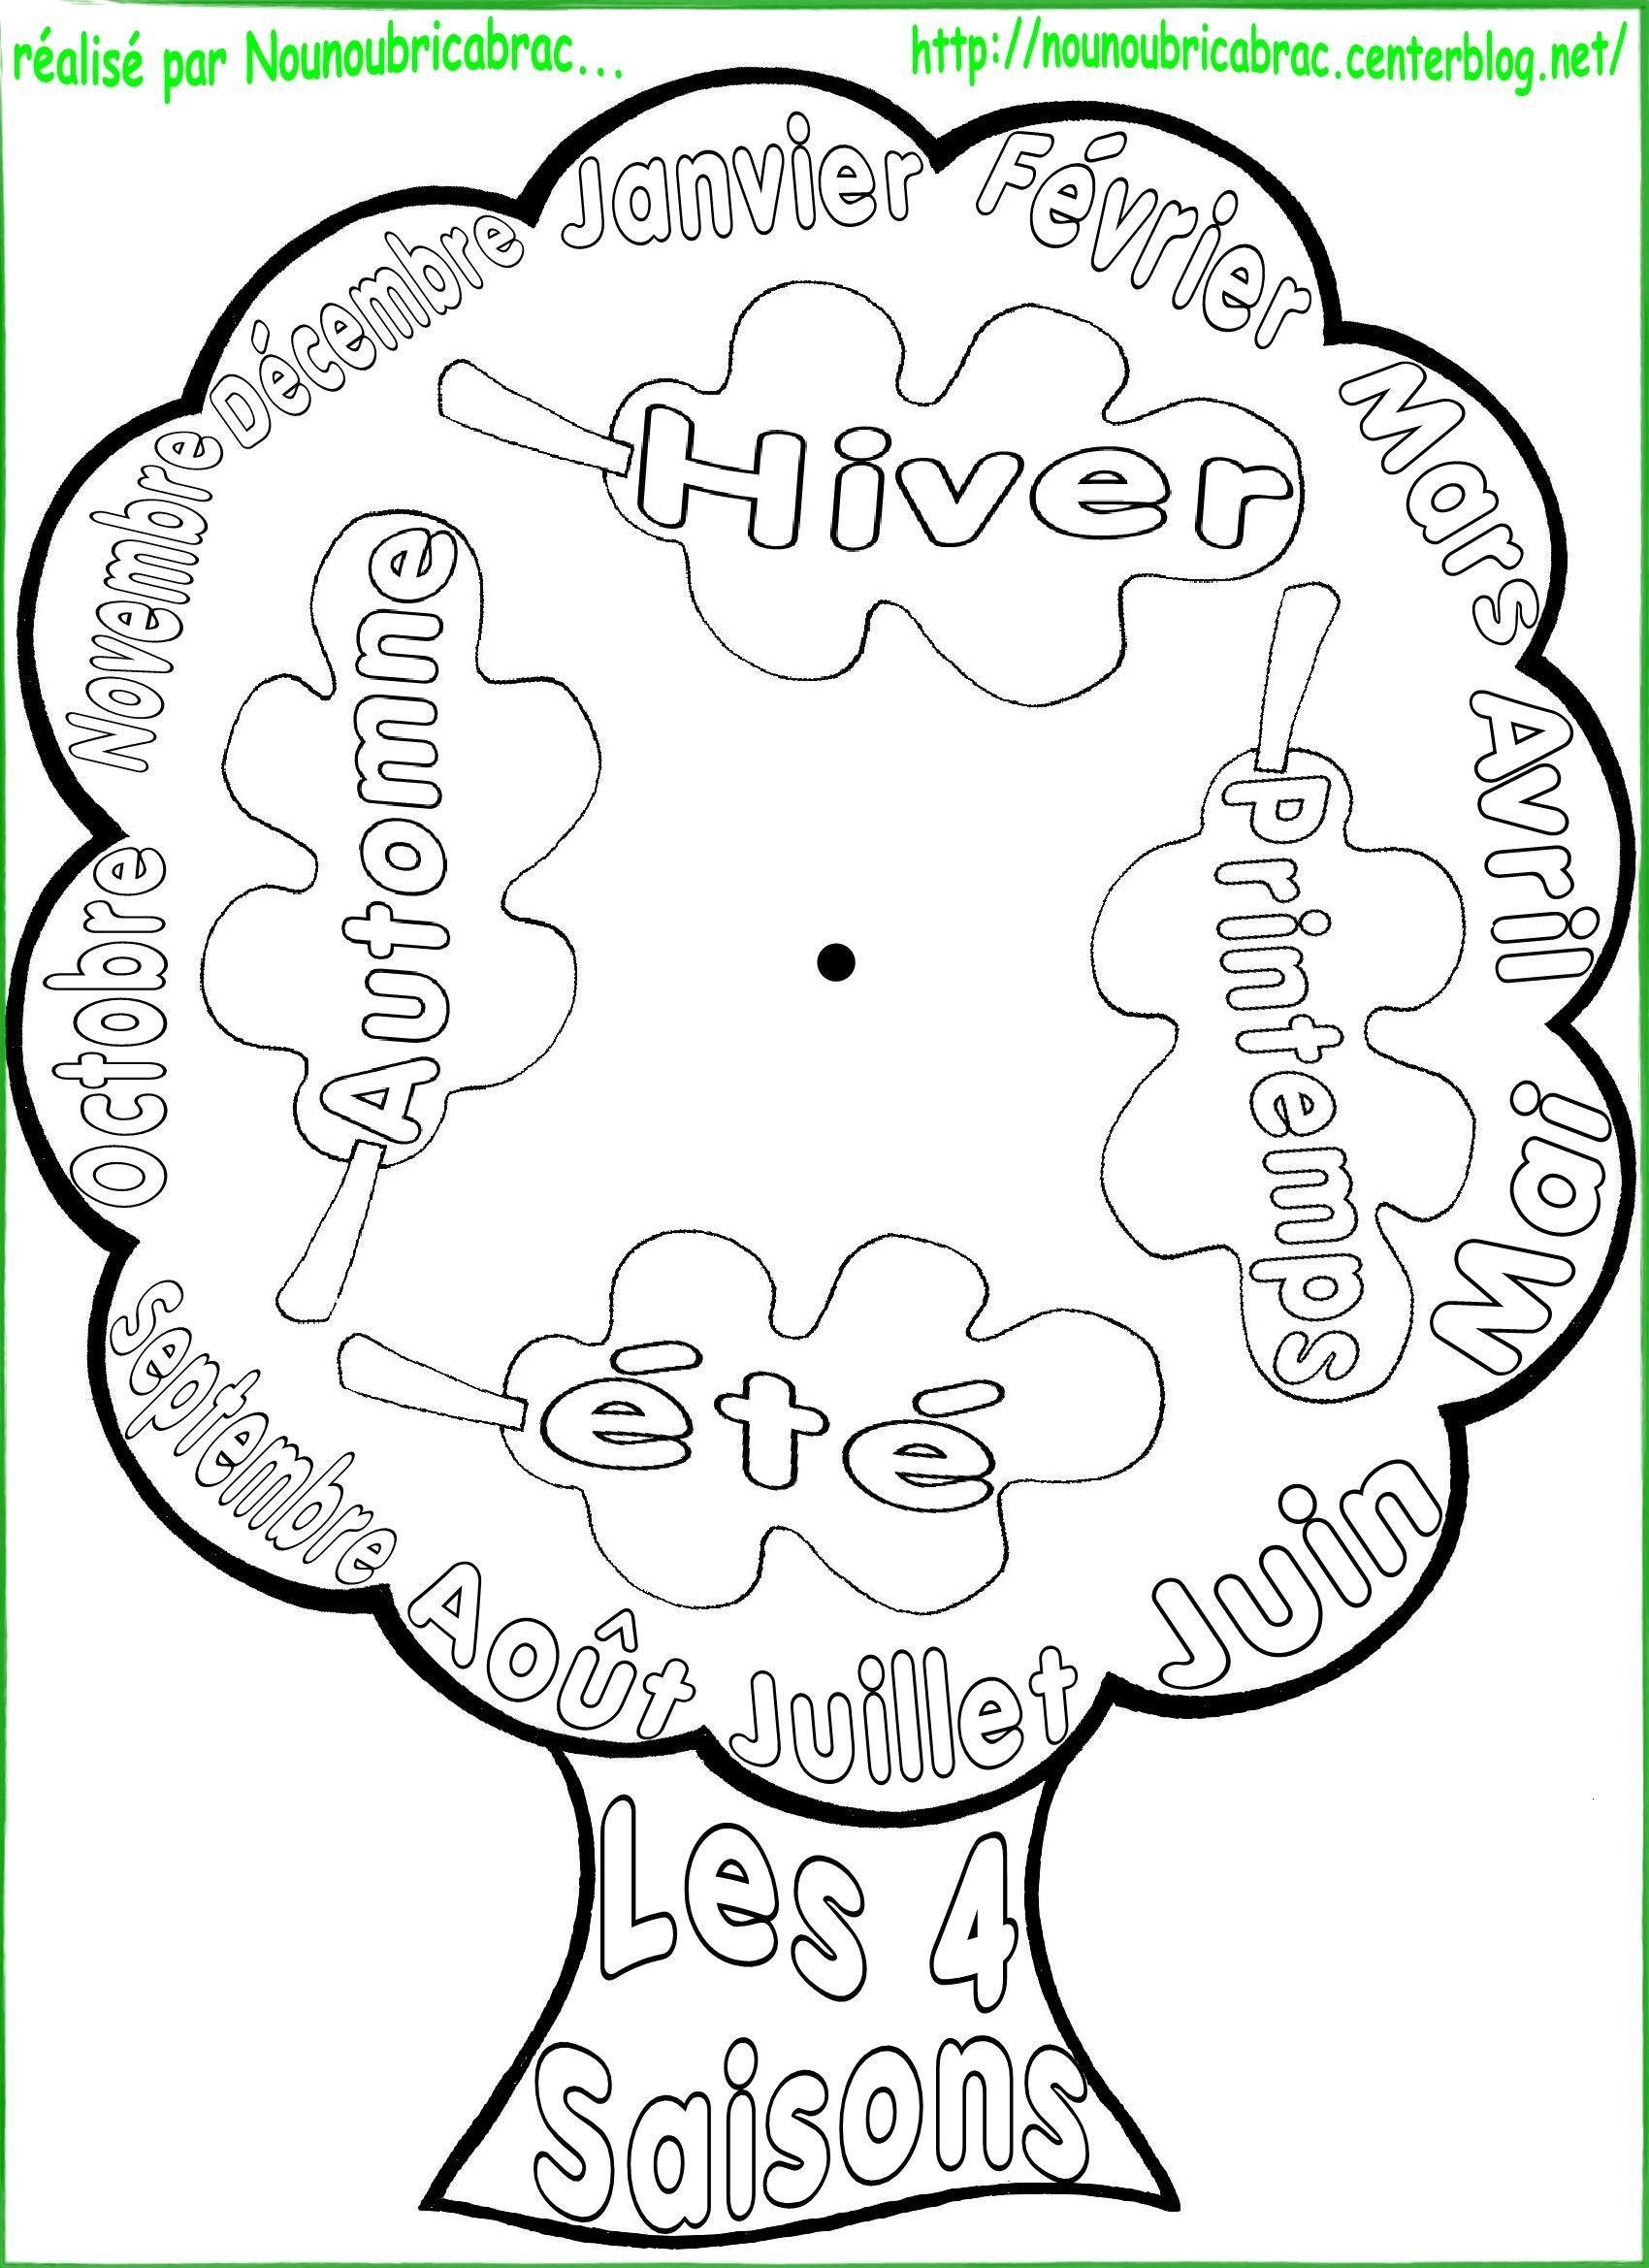 Bricolages apprendre ludiquement page 2 - Dessin 4 saisons ...